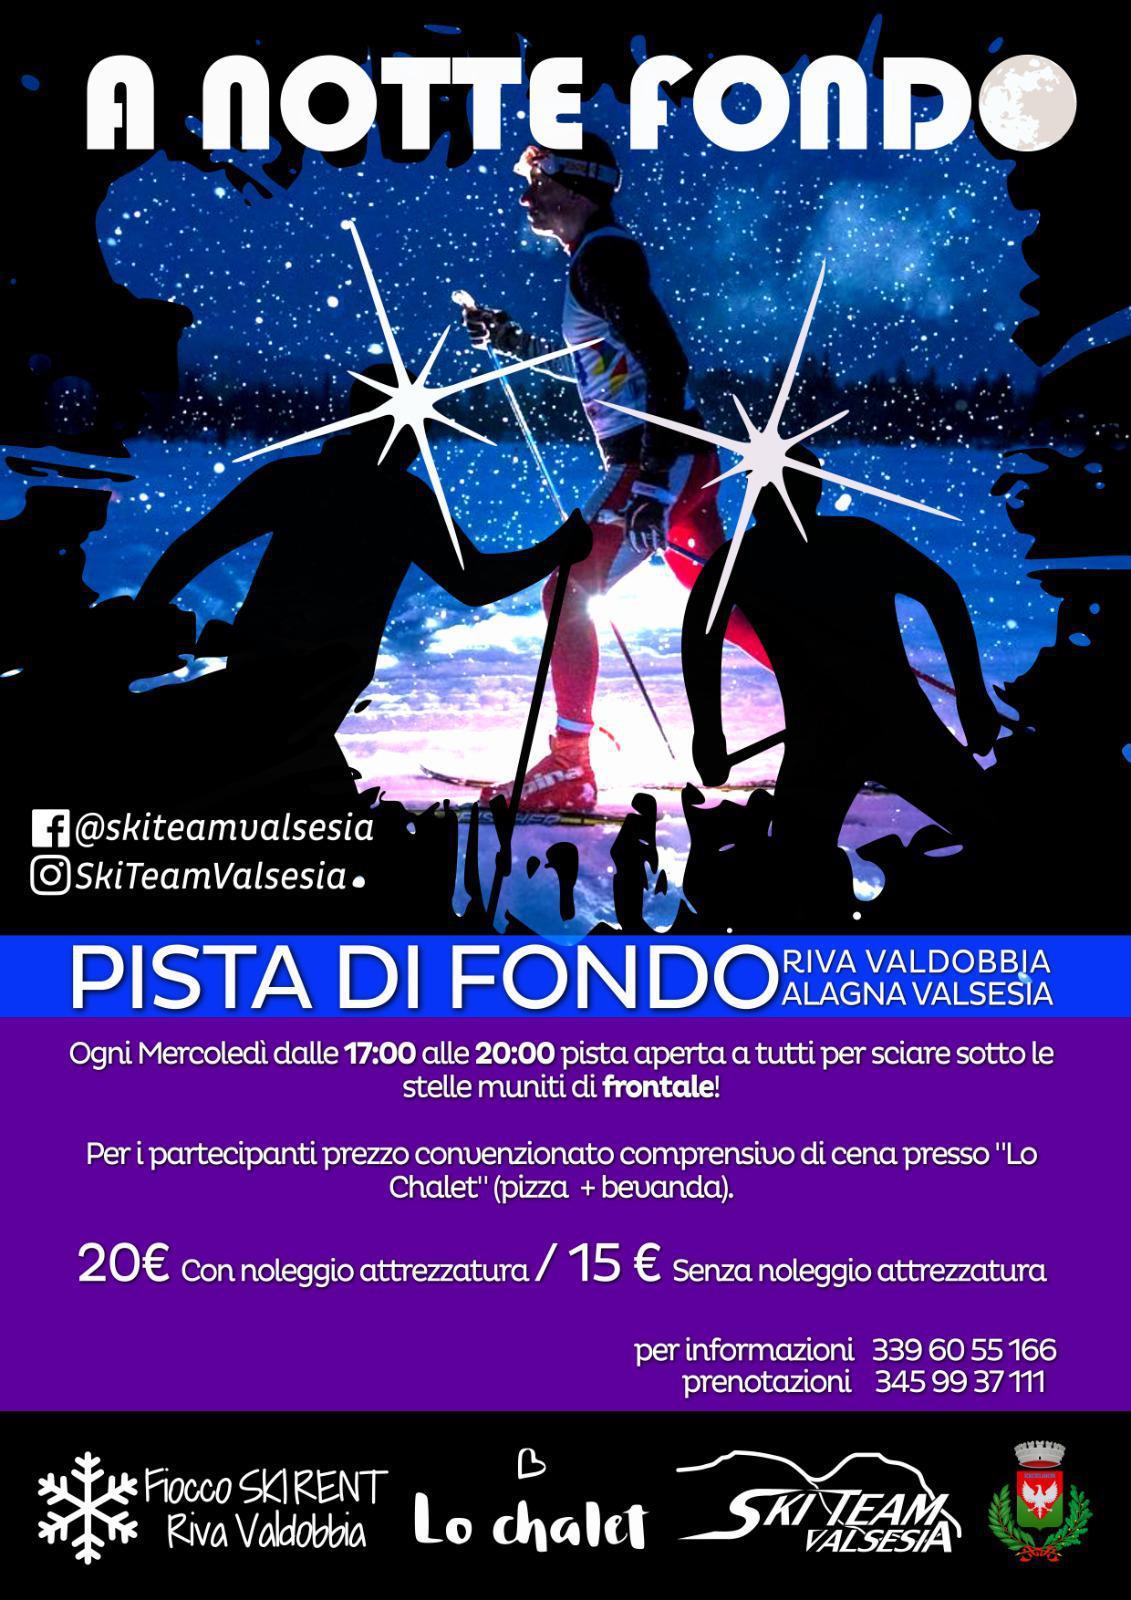 """A """"Notte Fondo"""" - Riva Valdobbia"""